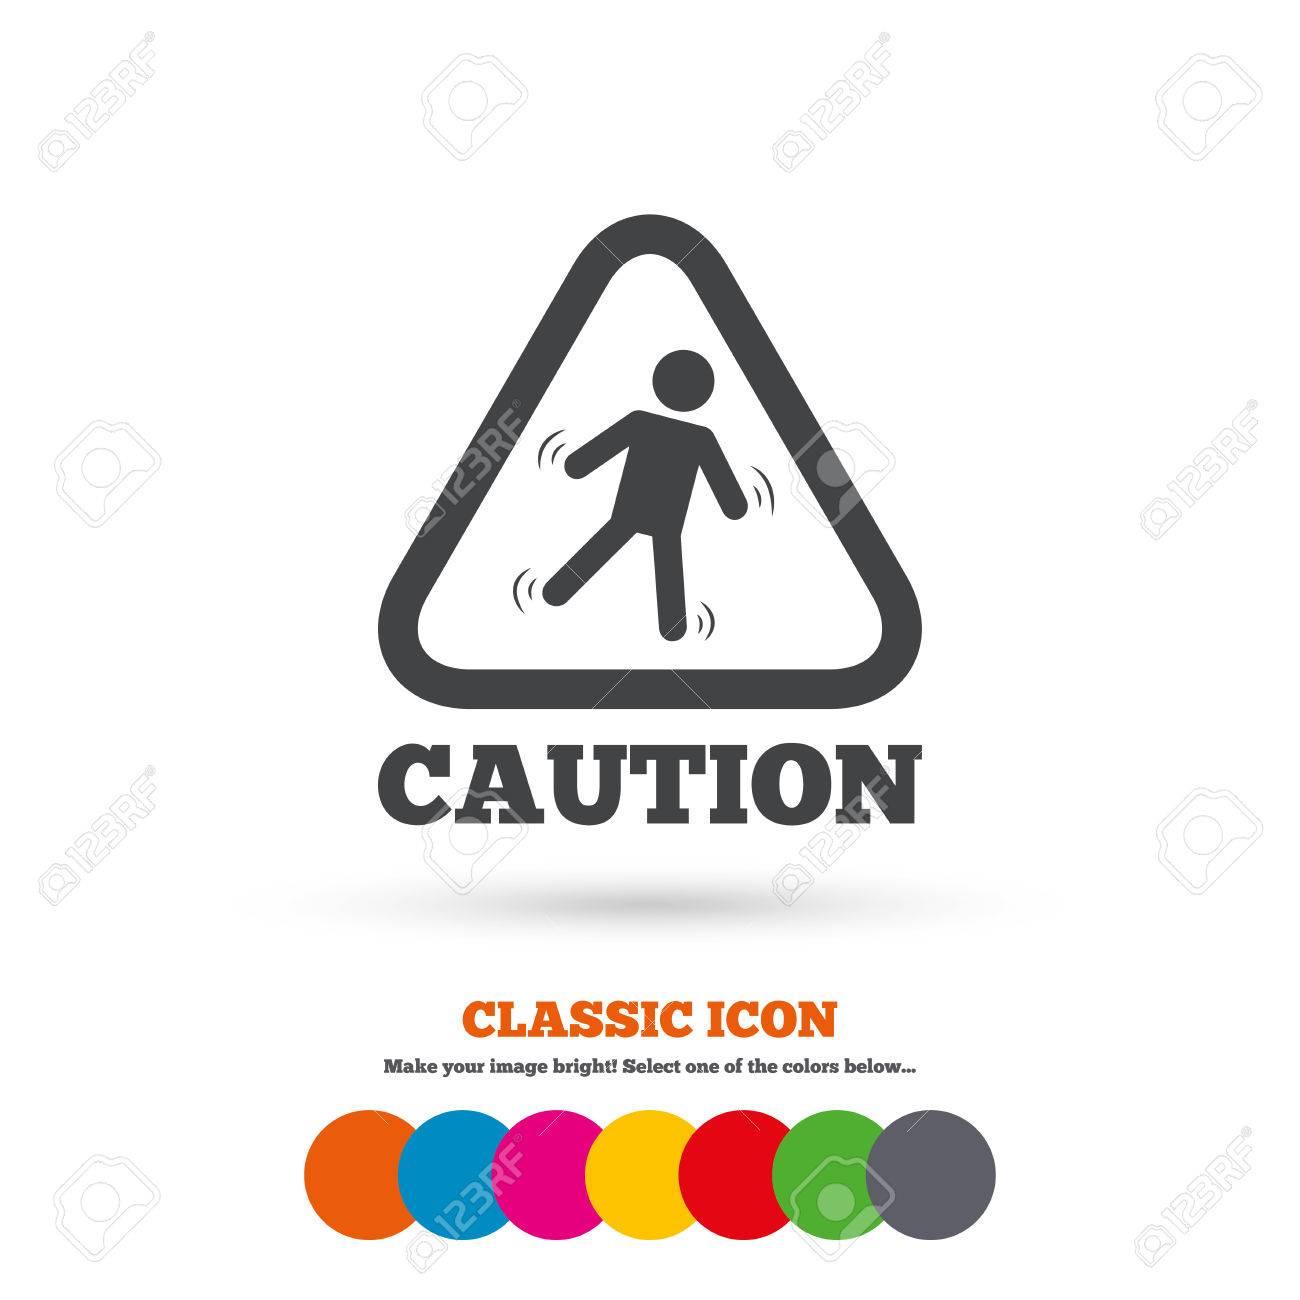 archivio fotografico attenzione pavimento bagnato segno icona umano che rientrano simbolo triangolare icona piatta classic cerchi colorati vettore